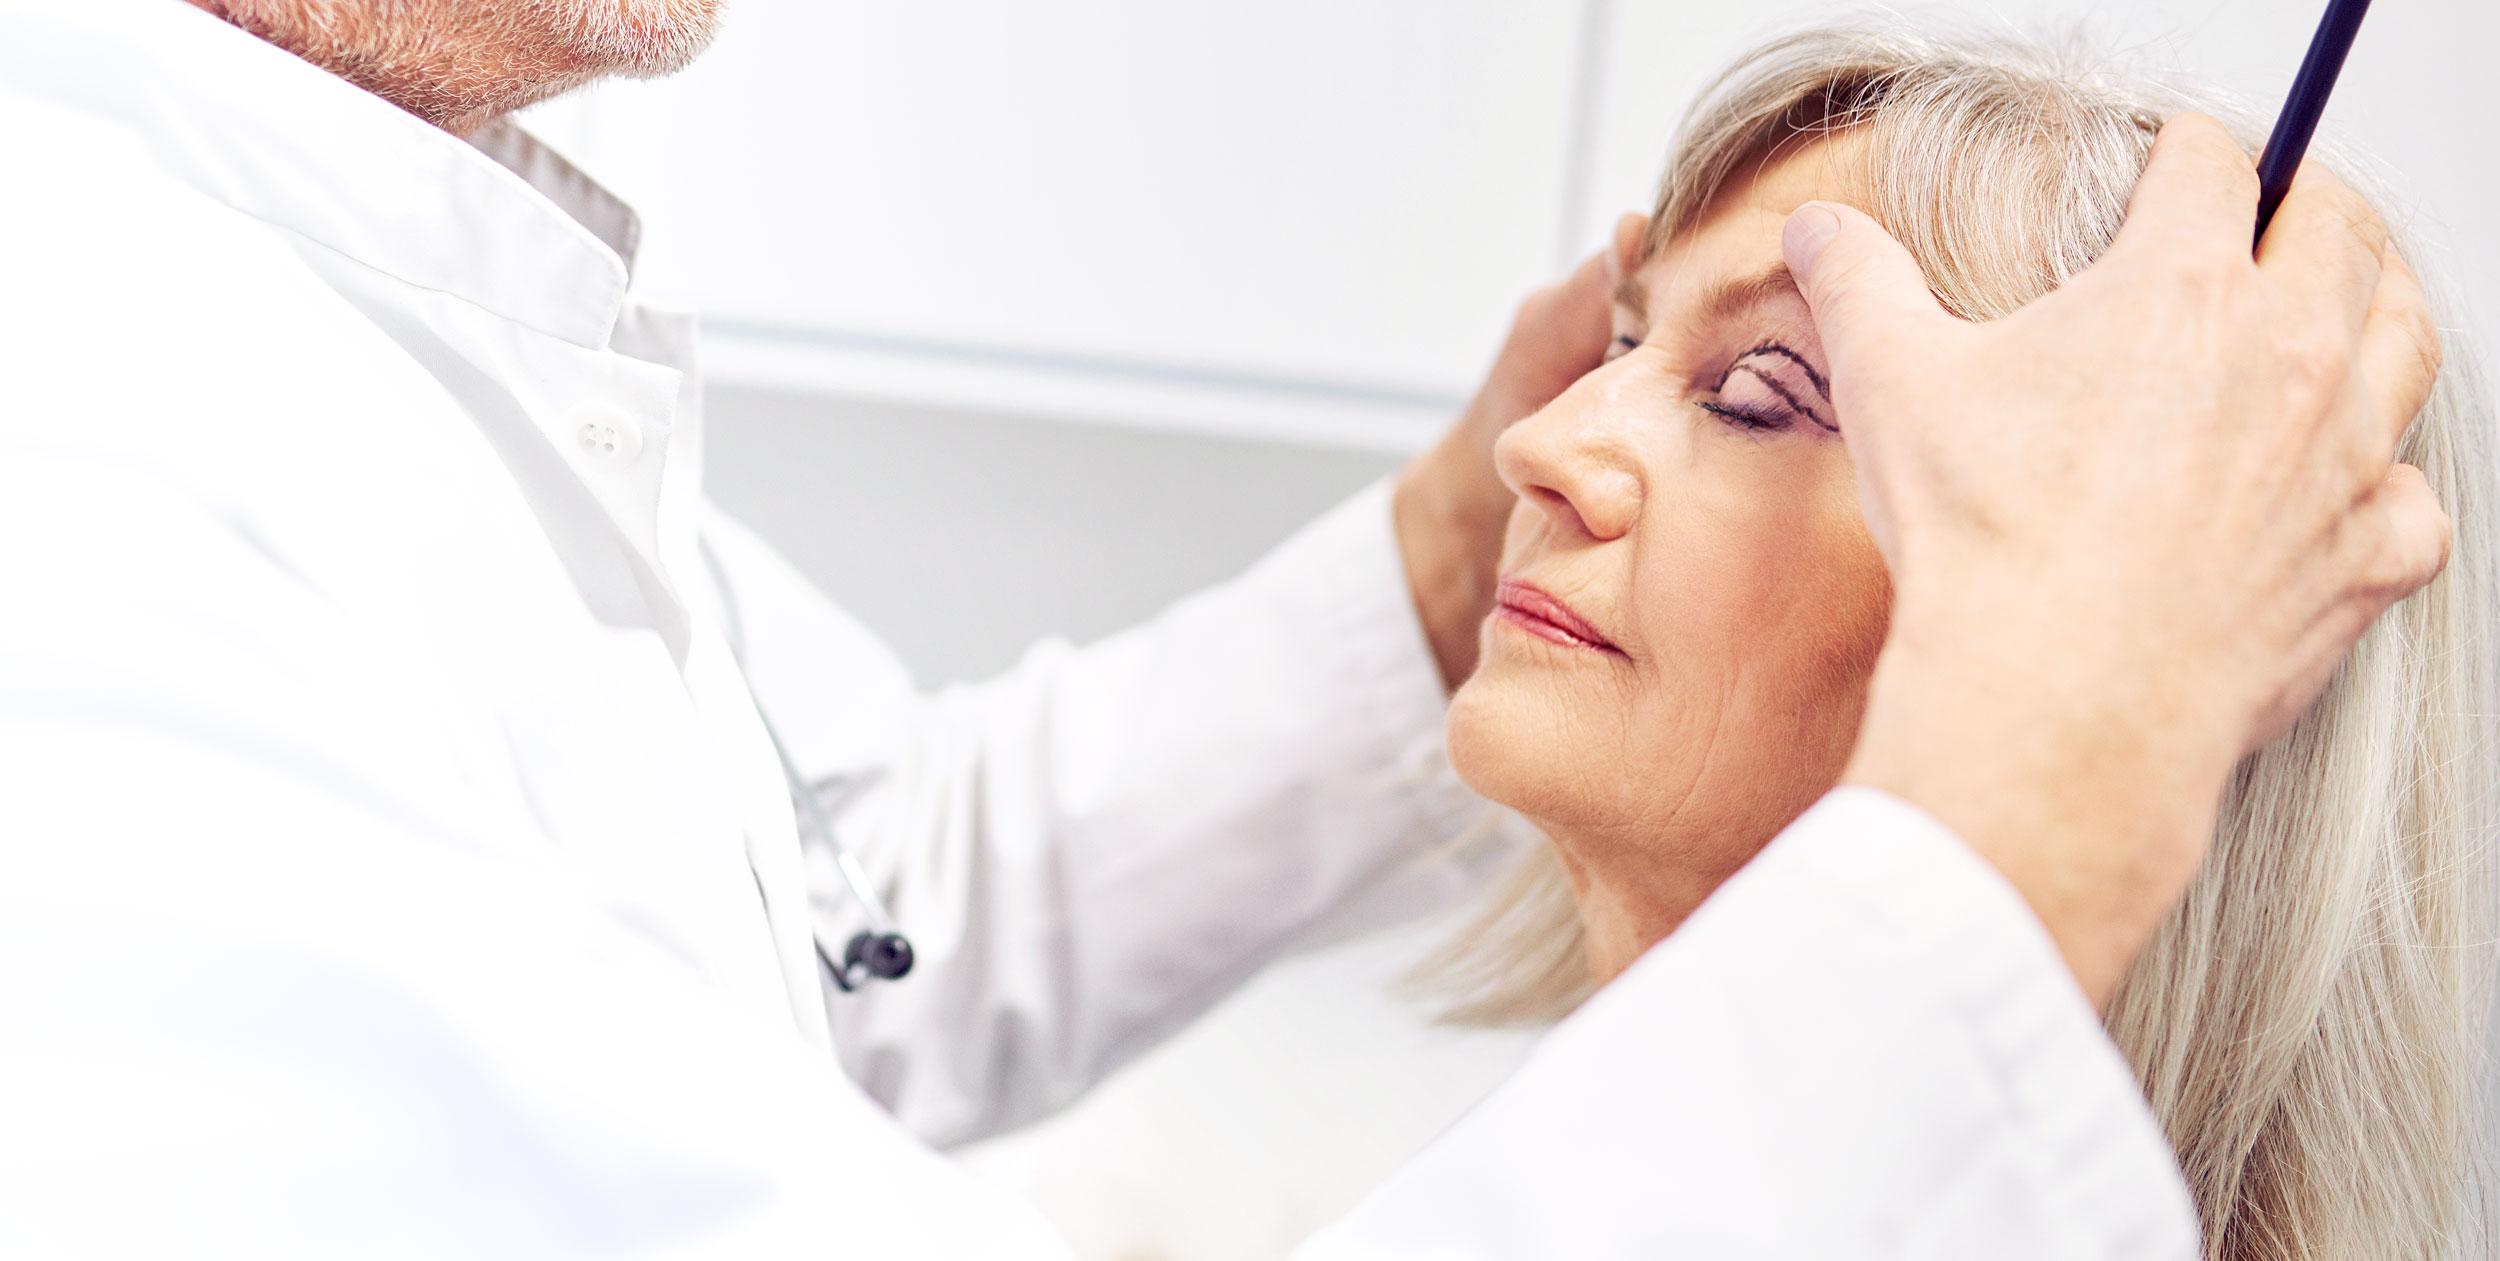 förberedelse inför ögonlocksplastik